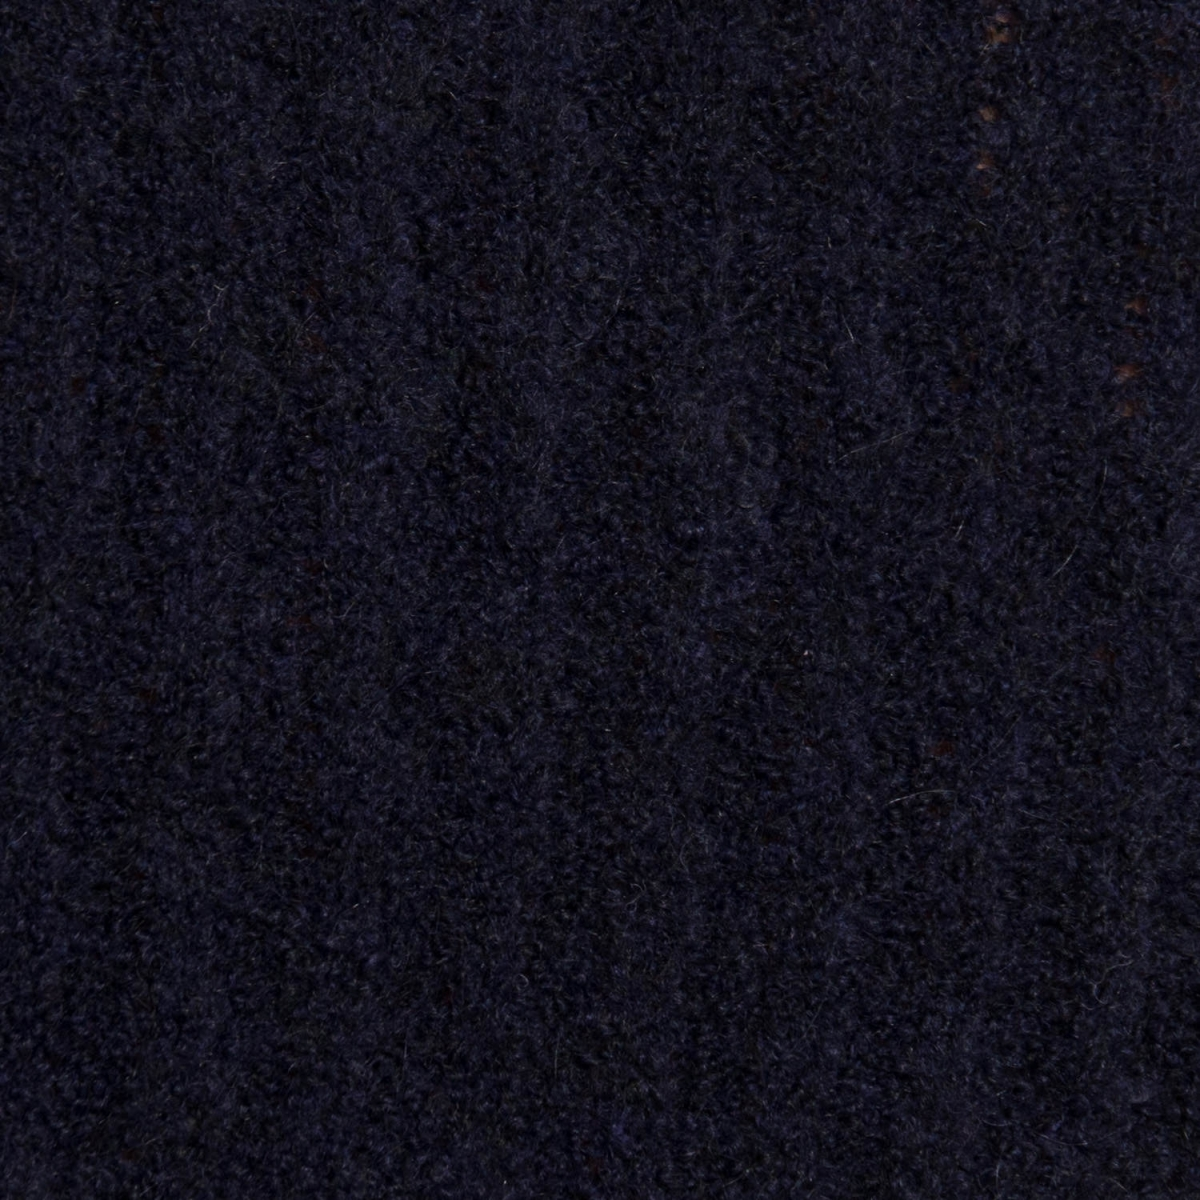 abbigliamento Maglieria uomo Maglione GLBW772 GIANNI LUPO Cafedelmar Shop